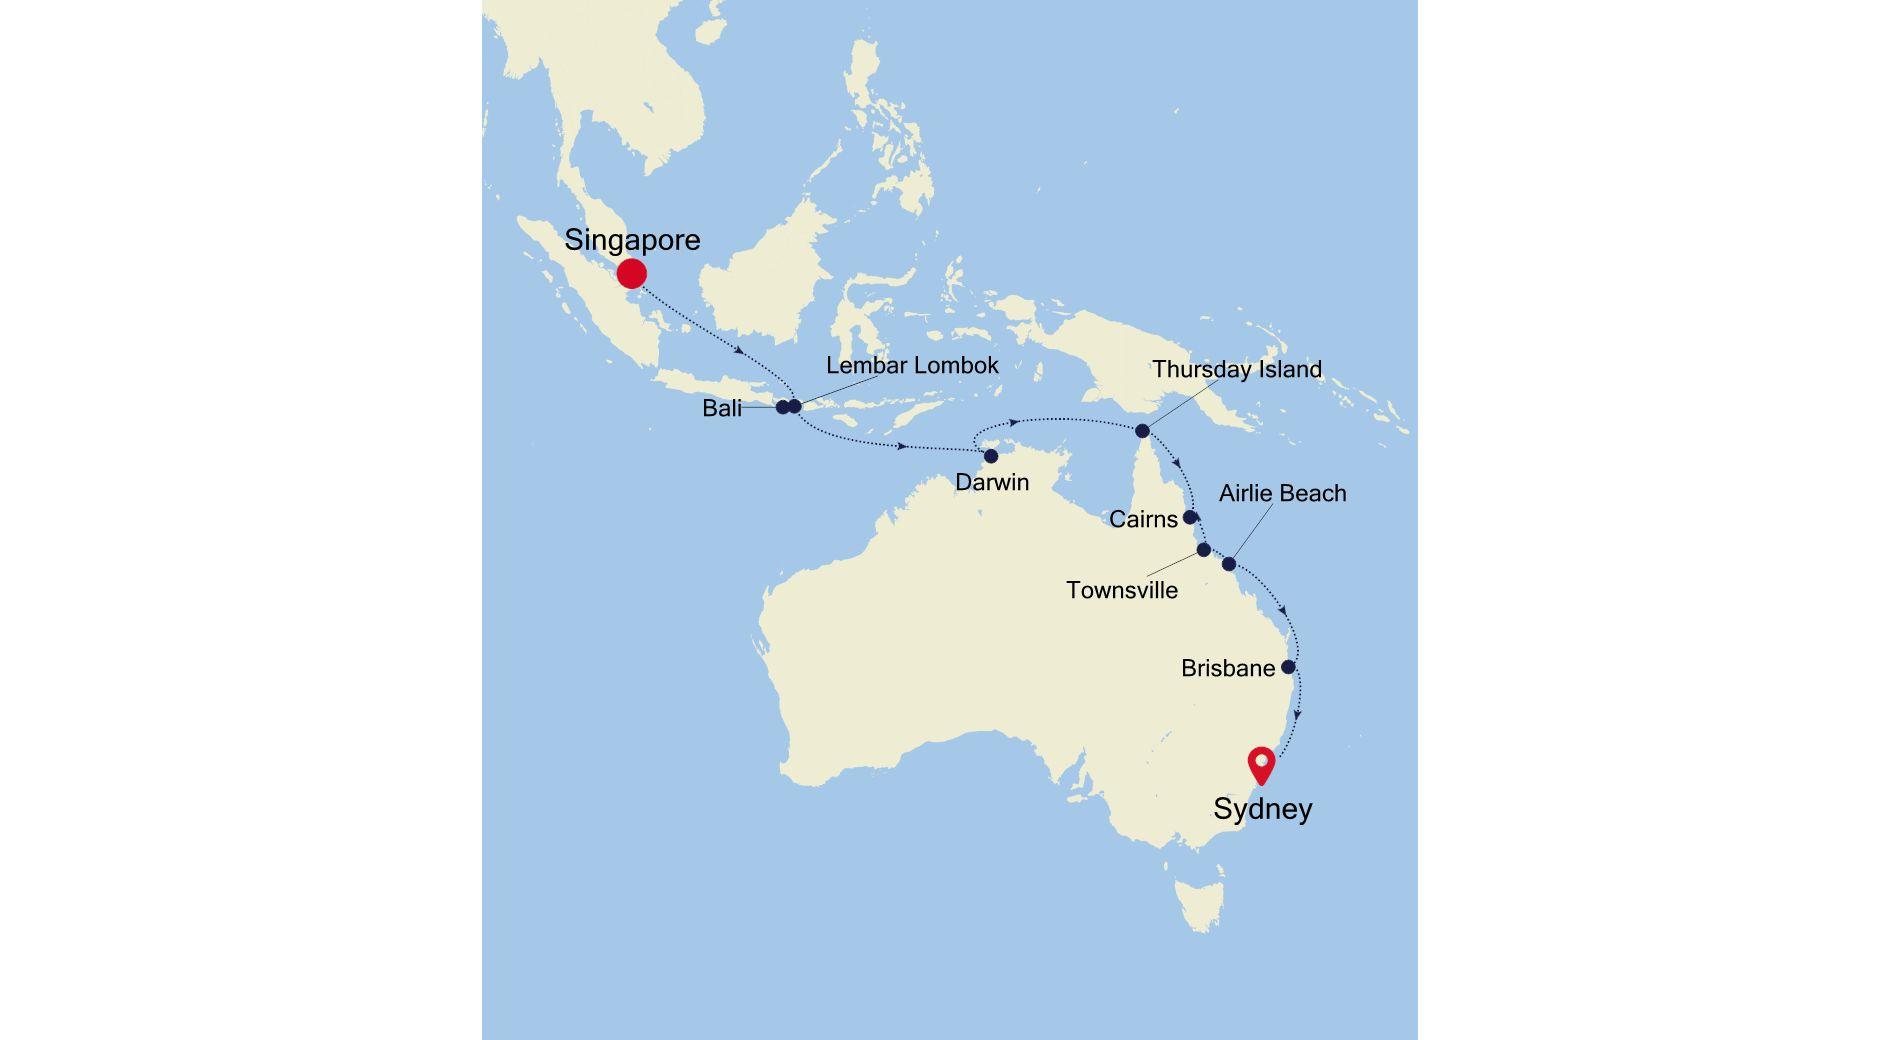 SM211129018 - Singapore a Sydney